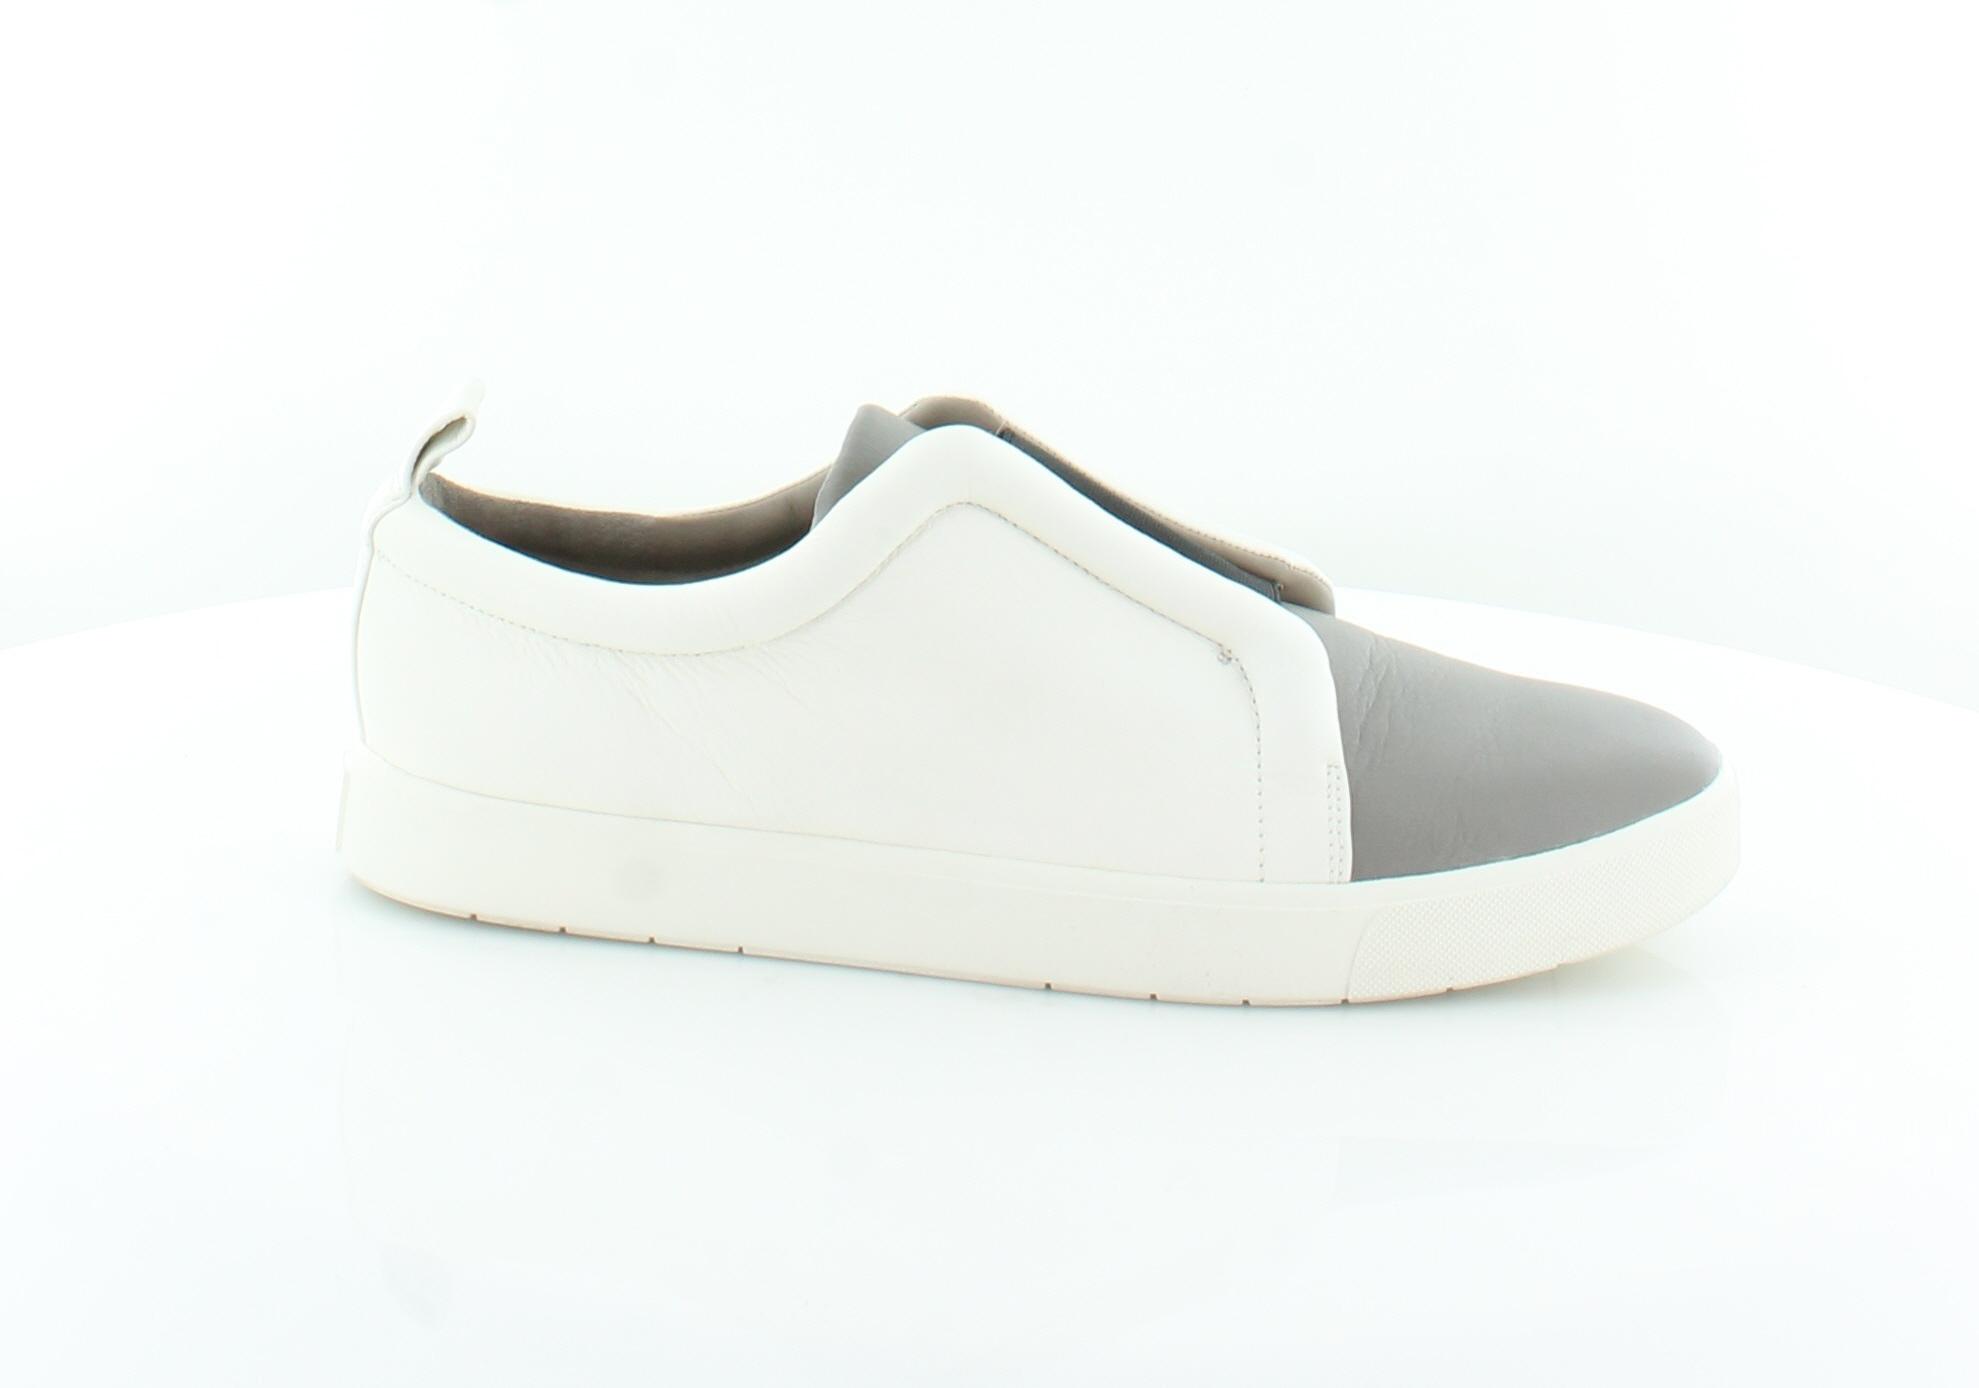 Vince Caden blancoo Zapatos para mujer M Moda tenis precio minorista sugerido por el fabricante